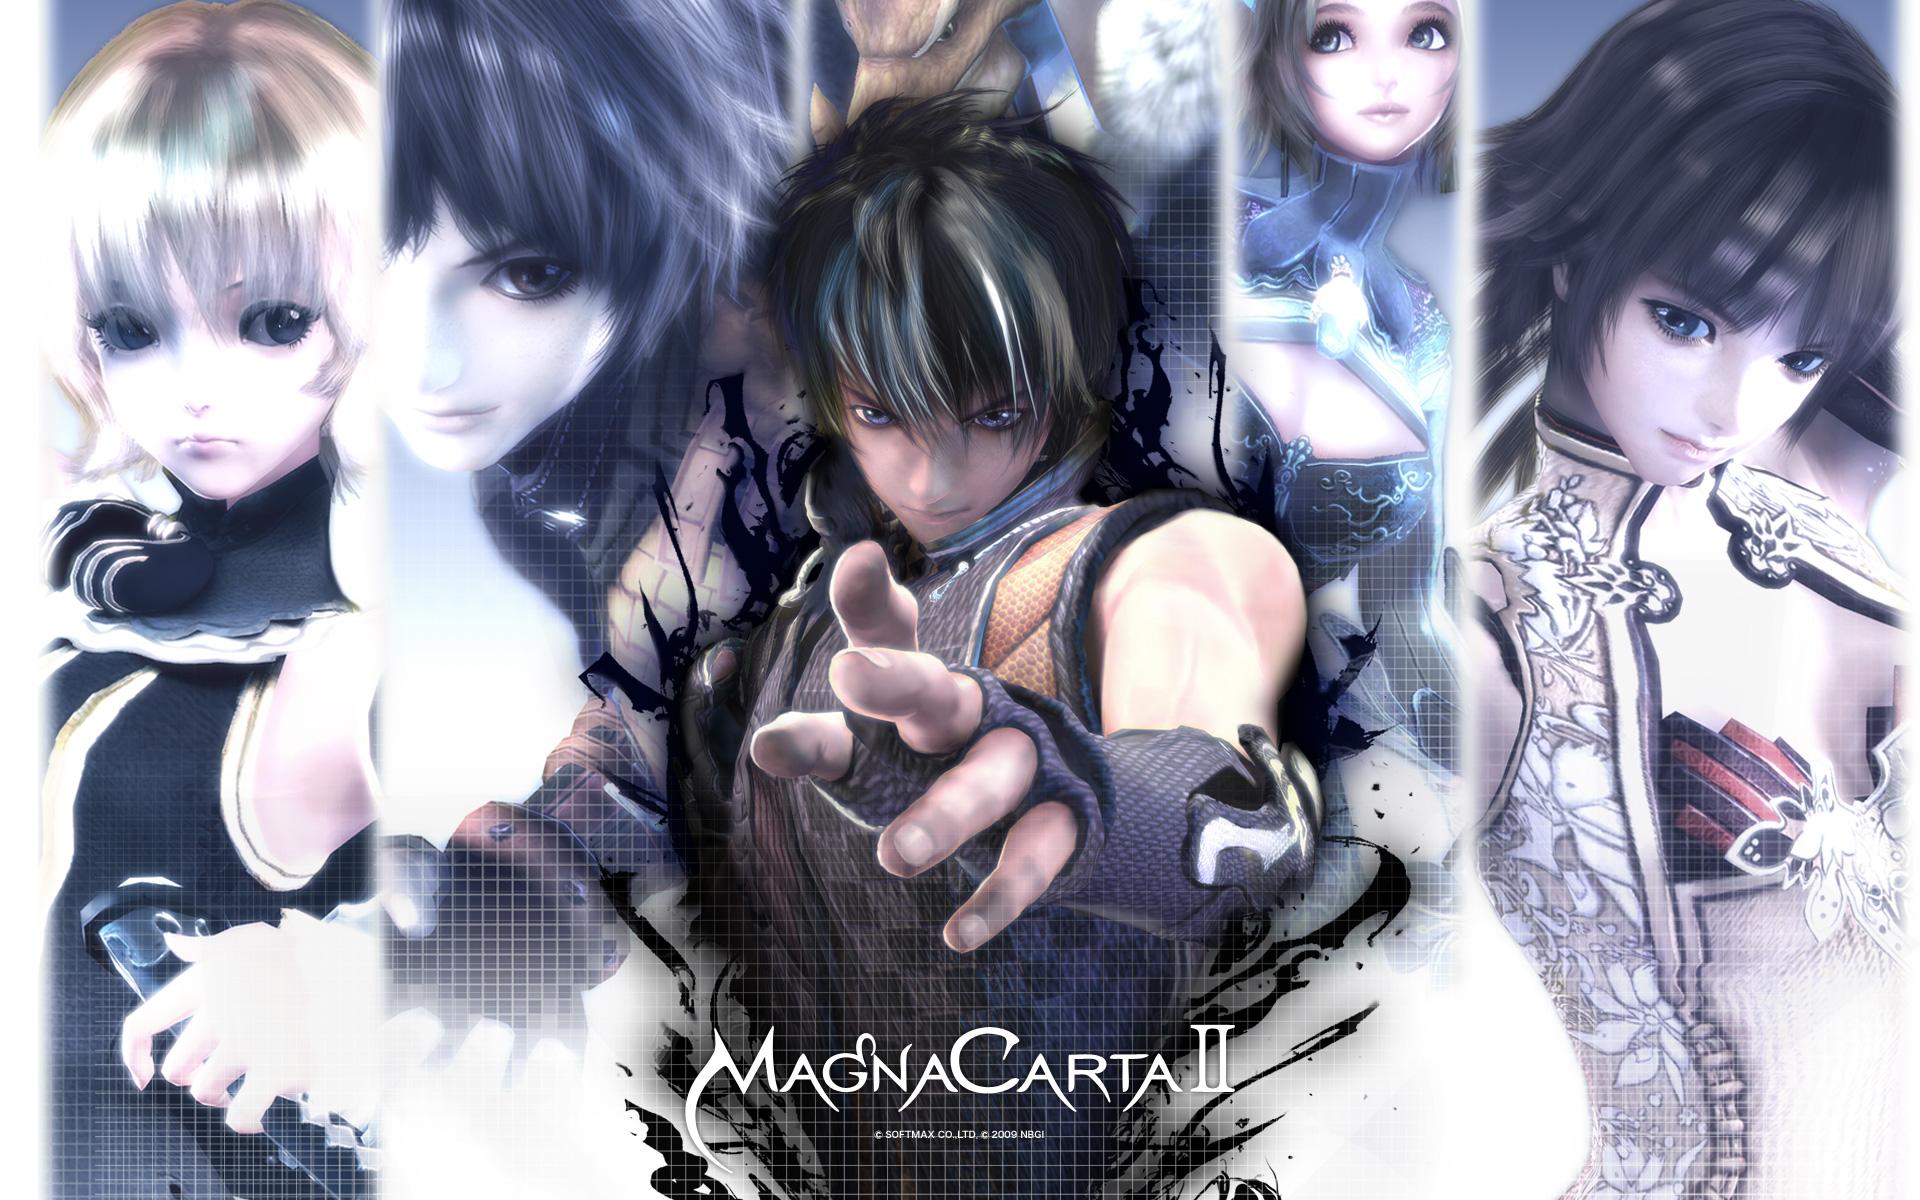 juto magna carta by bolmang on DeviantArt